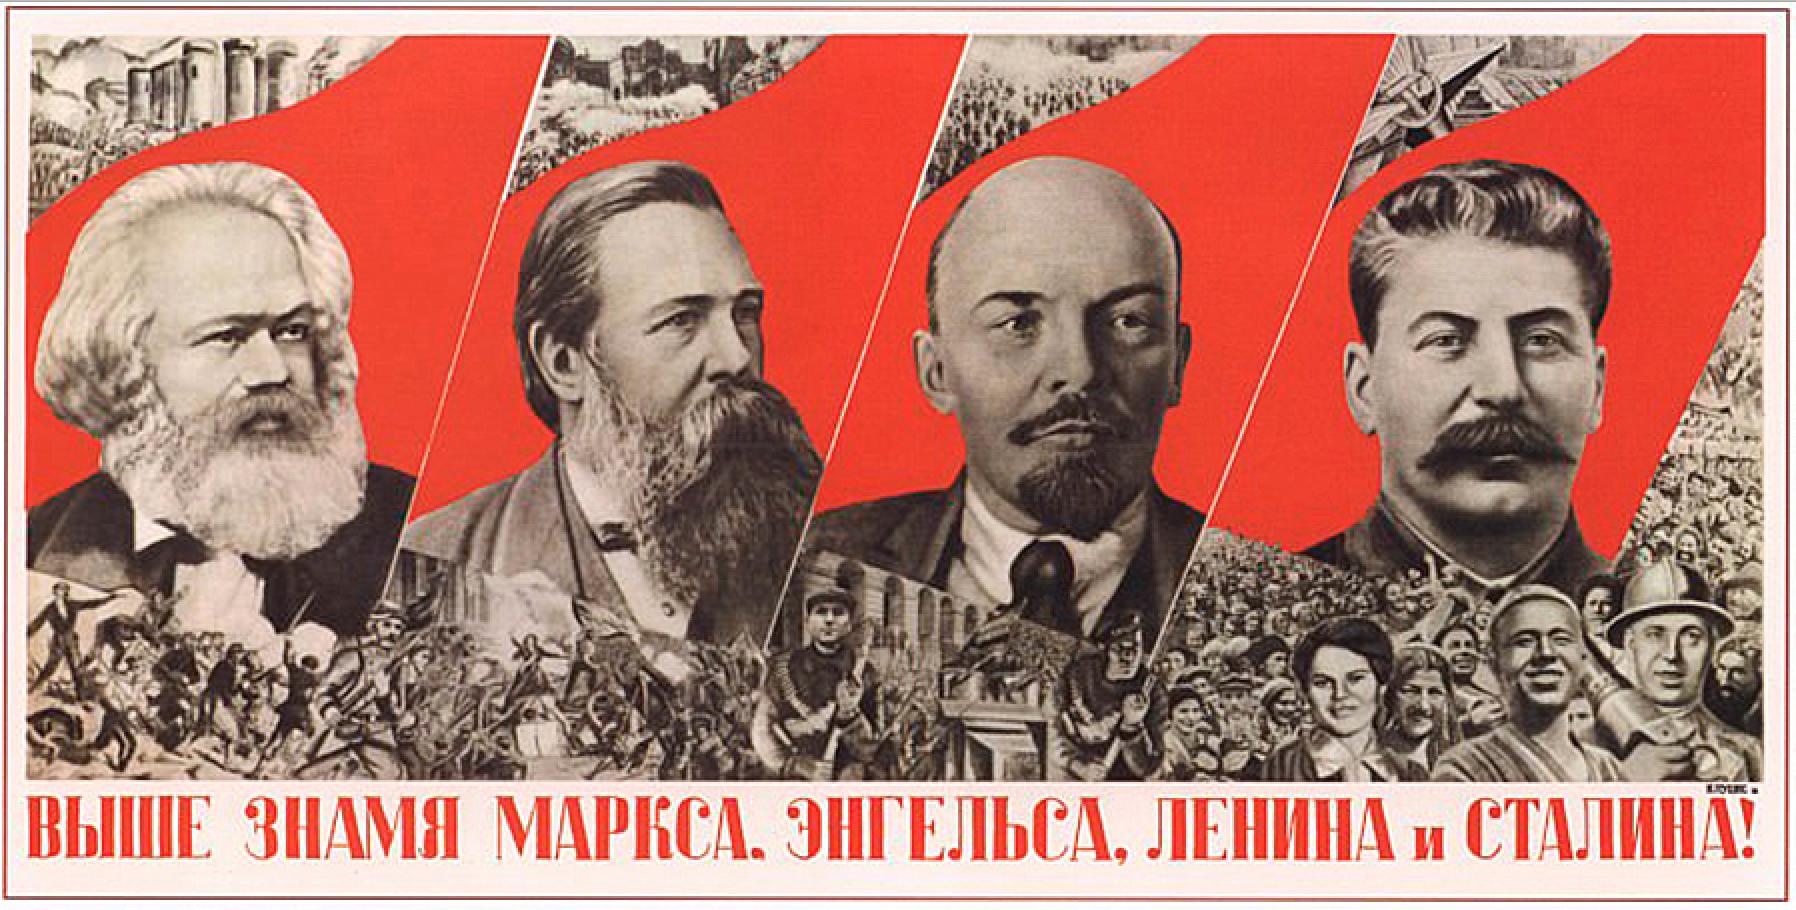 « Plus haut, le drapeau de Marx, Engels, Lénine et Staline ! »